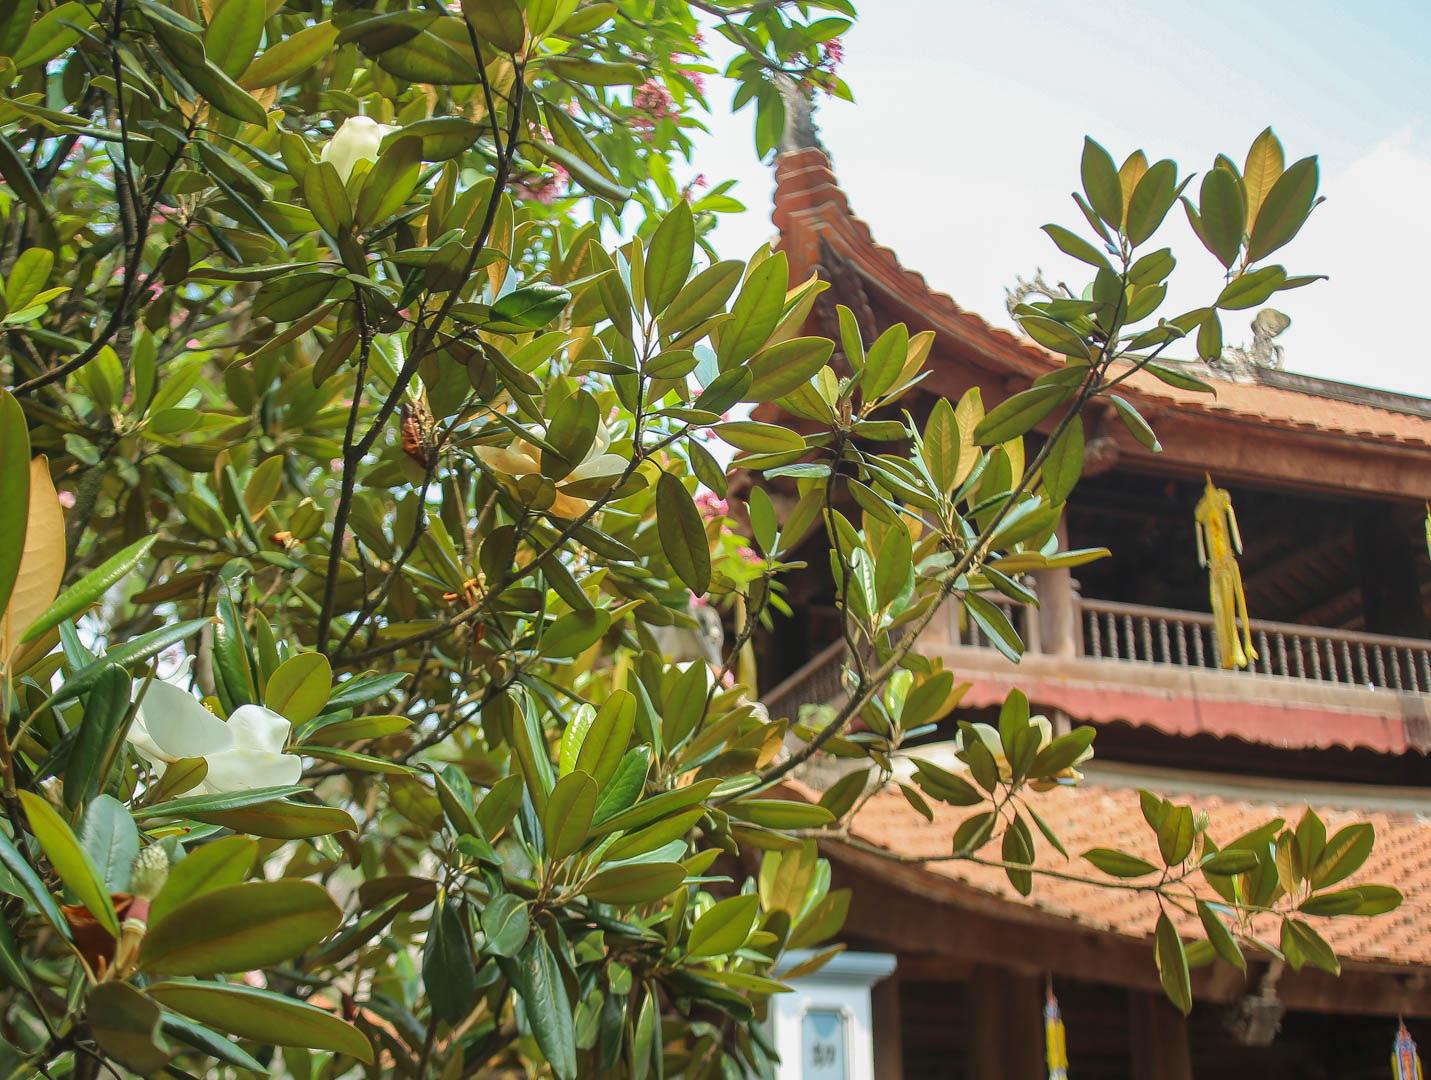 Kỳ lạ đóa sen nằm trên cạn, tỏa hương thơm ngát ngôi chùa trăm năm tuổi - Ảnh 2.